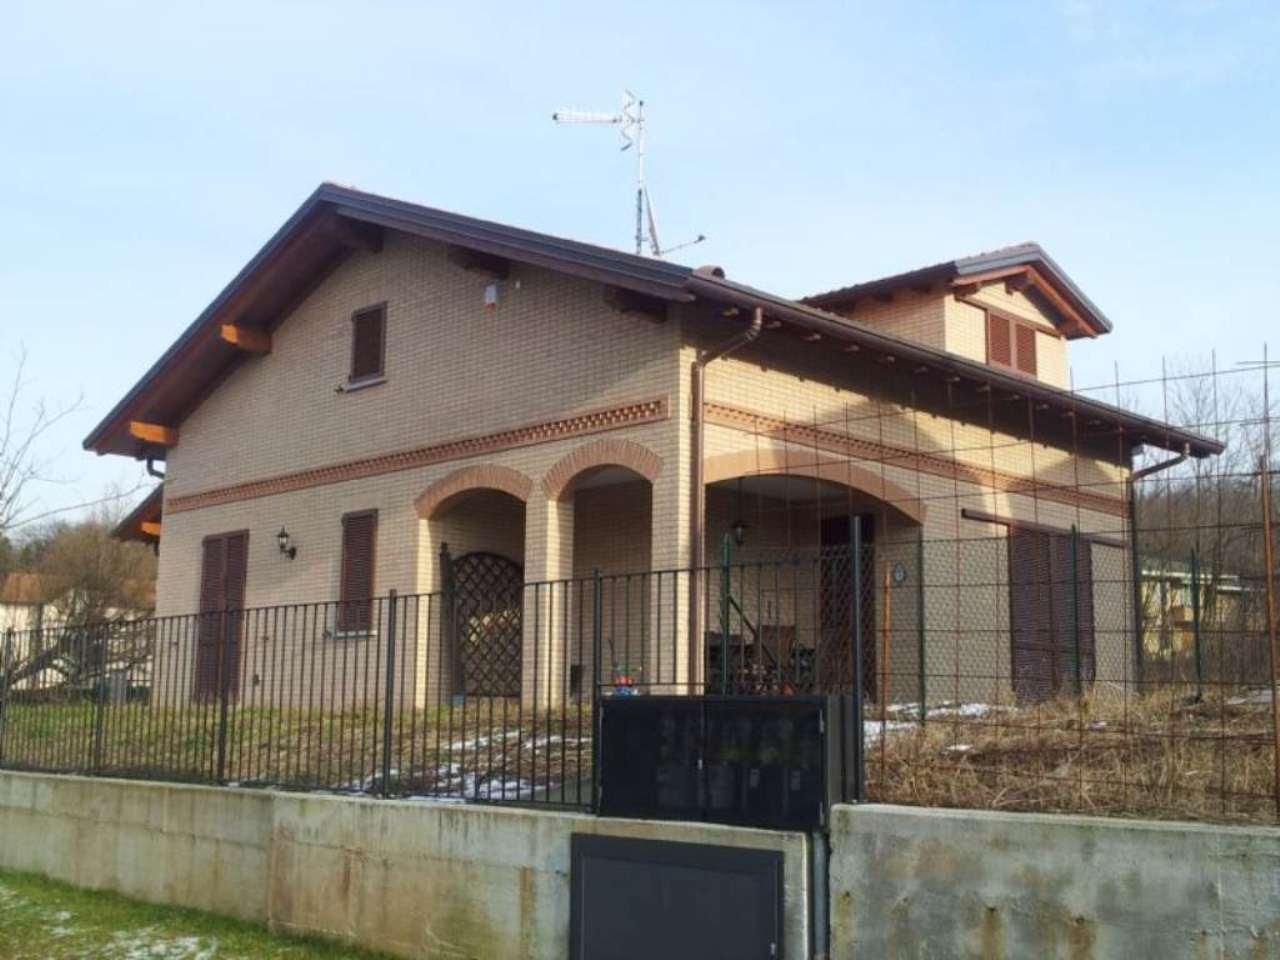 Villa Bifamiliare in vendita a Buguggiate, 4 locali, prezzo € 420.000 | Cambio Casa.it